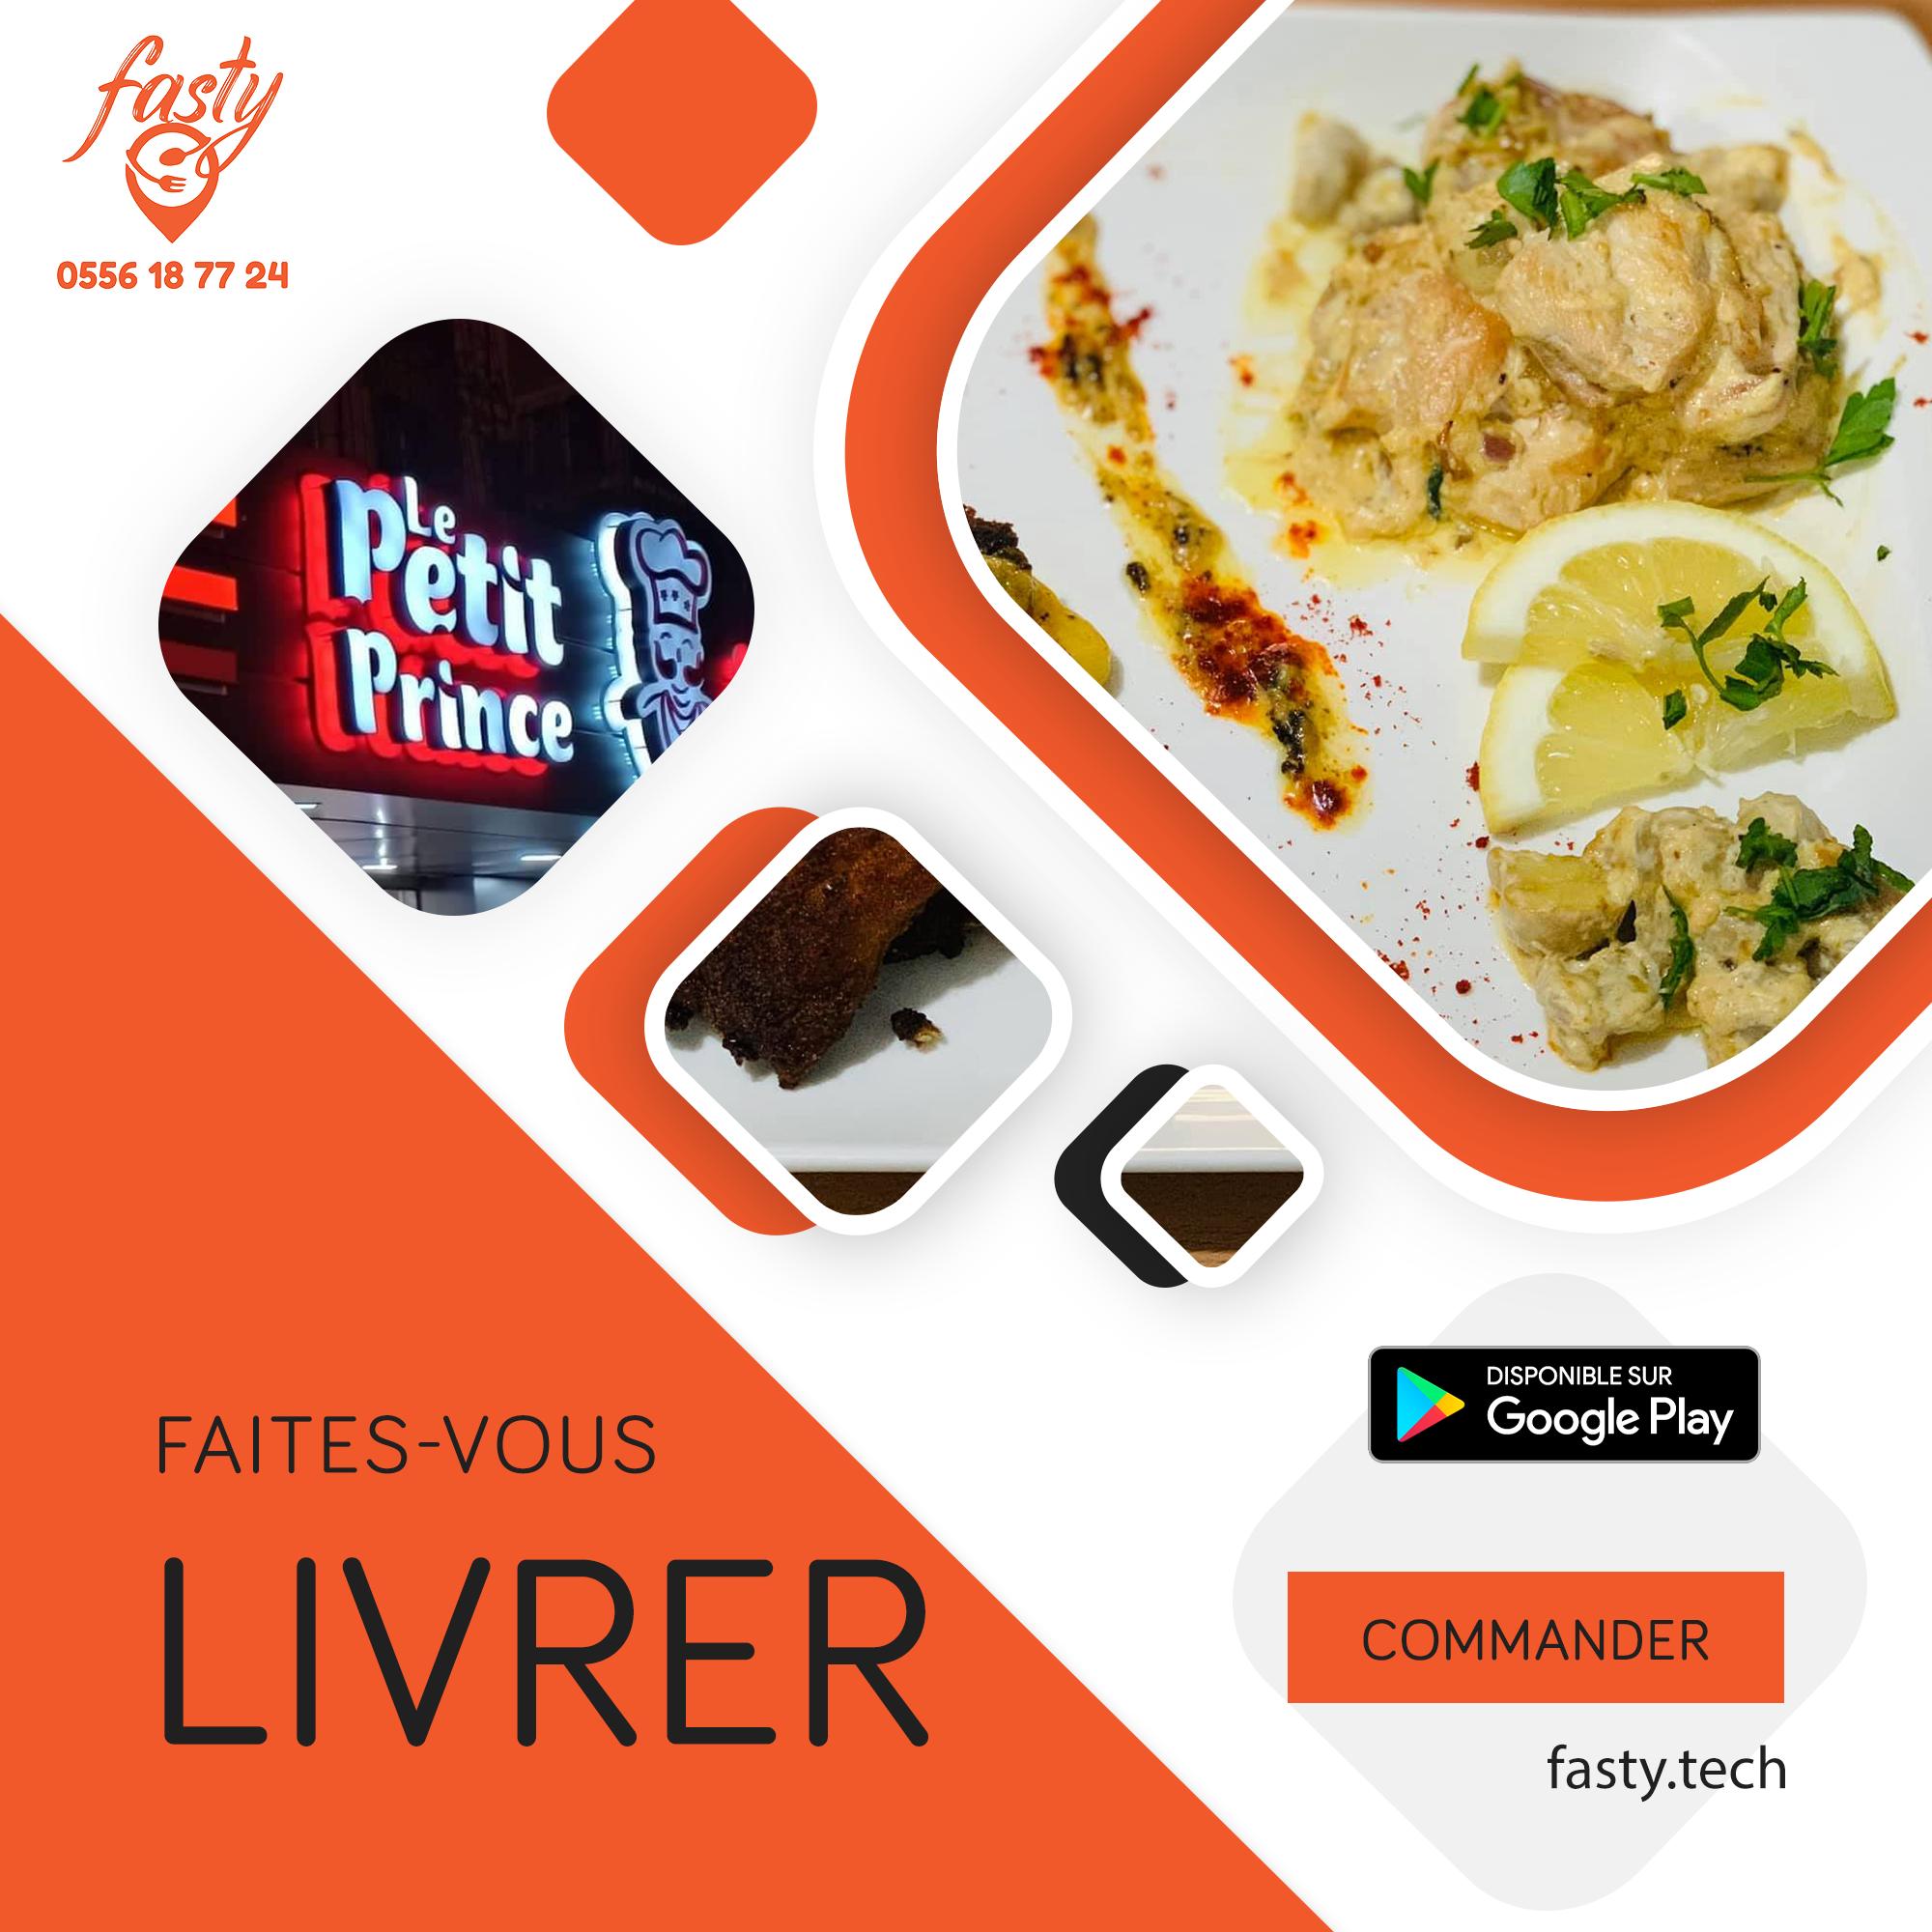 Fasty - Livraison de repas en Algérie  Food delivery app, A food